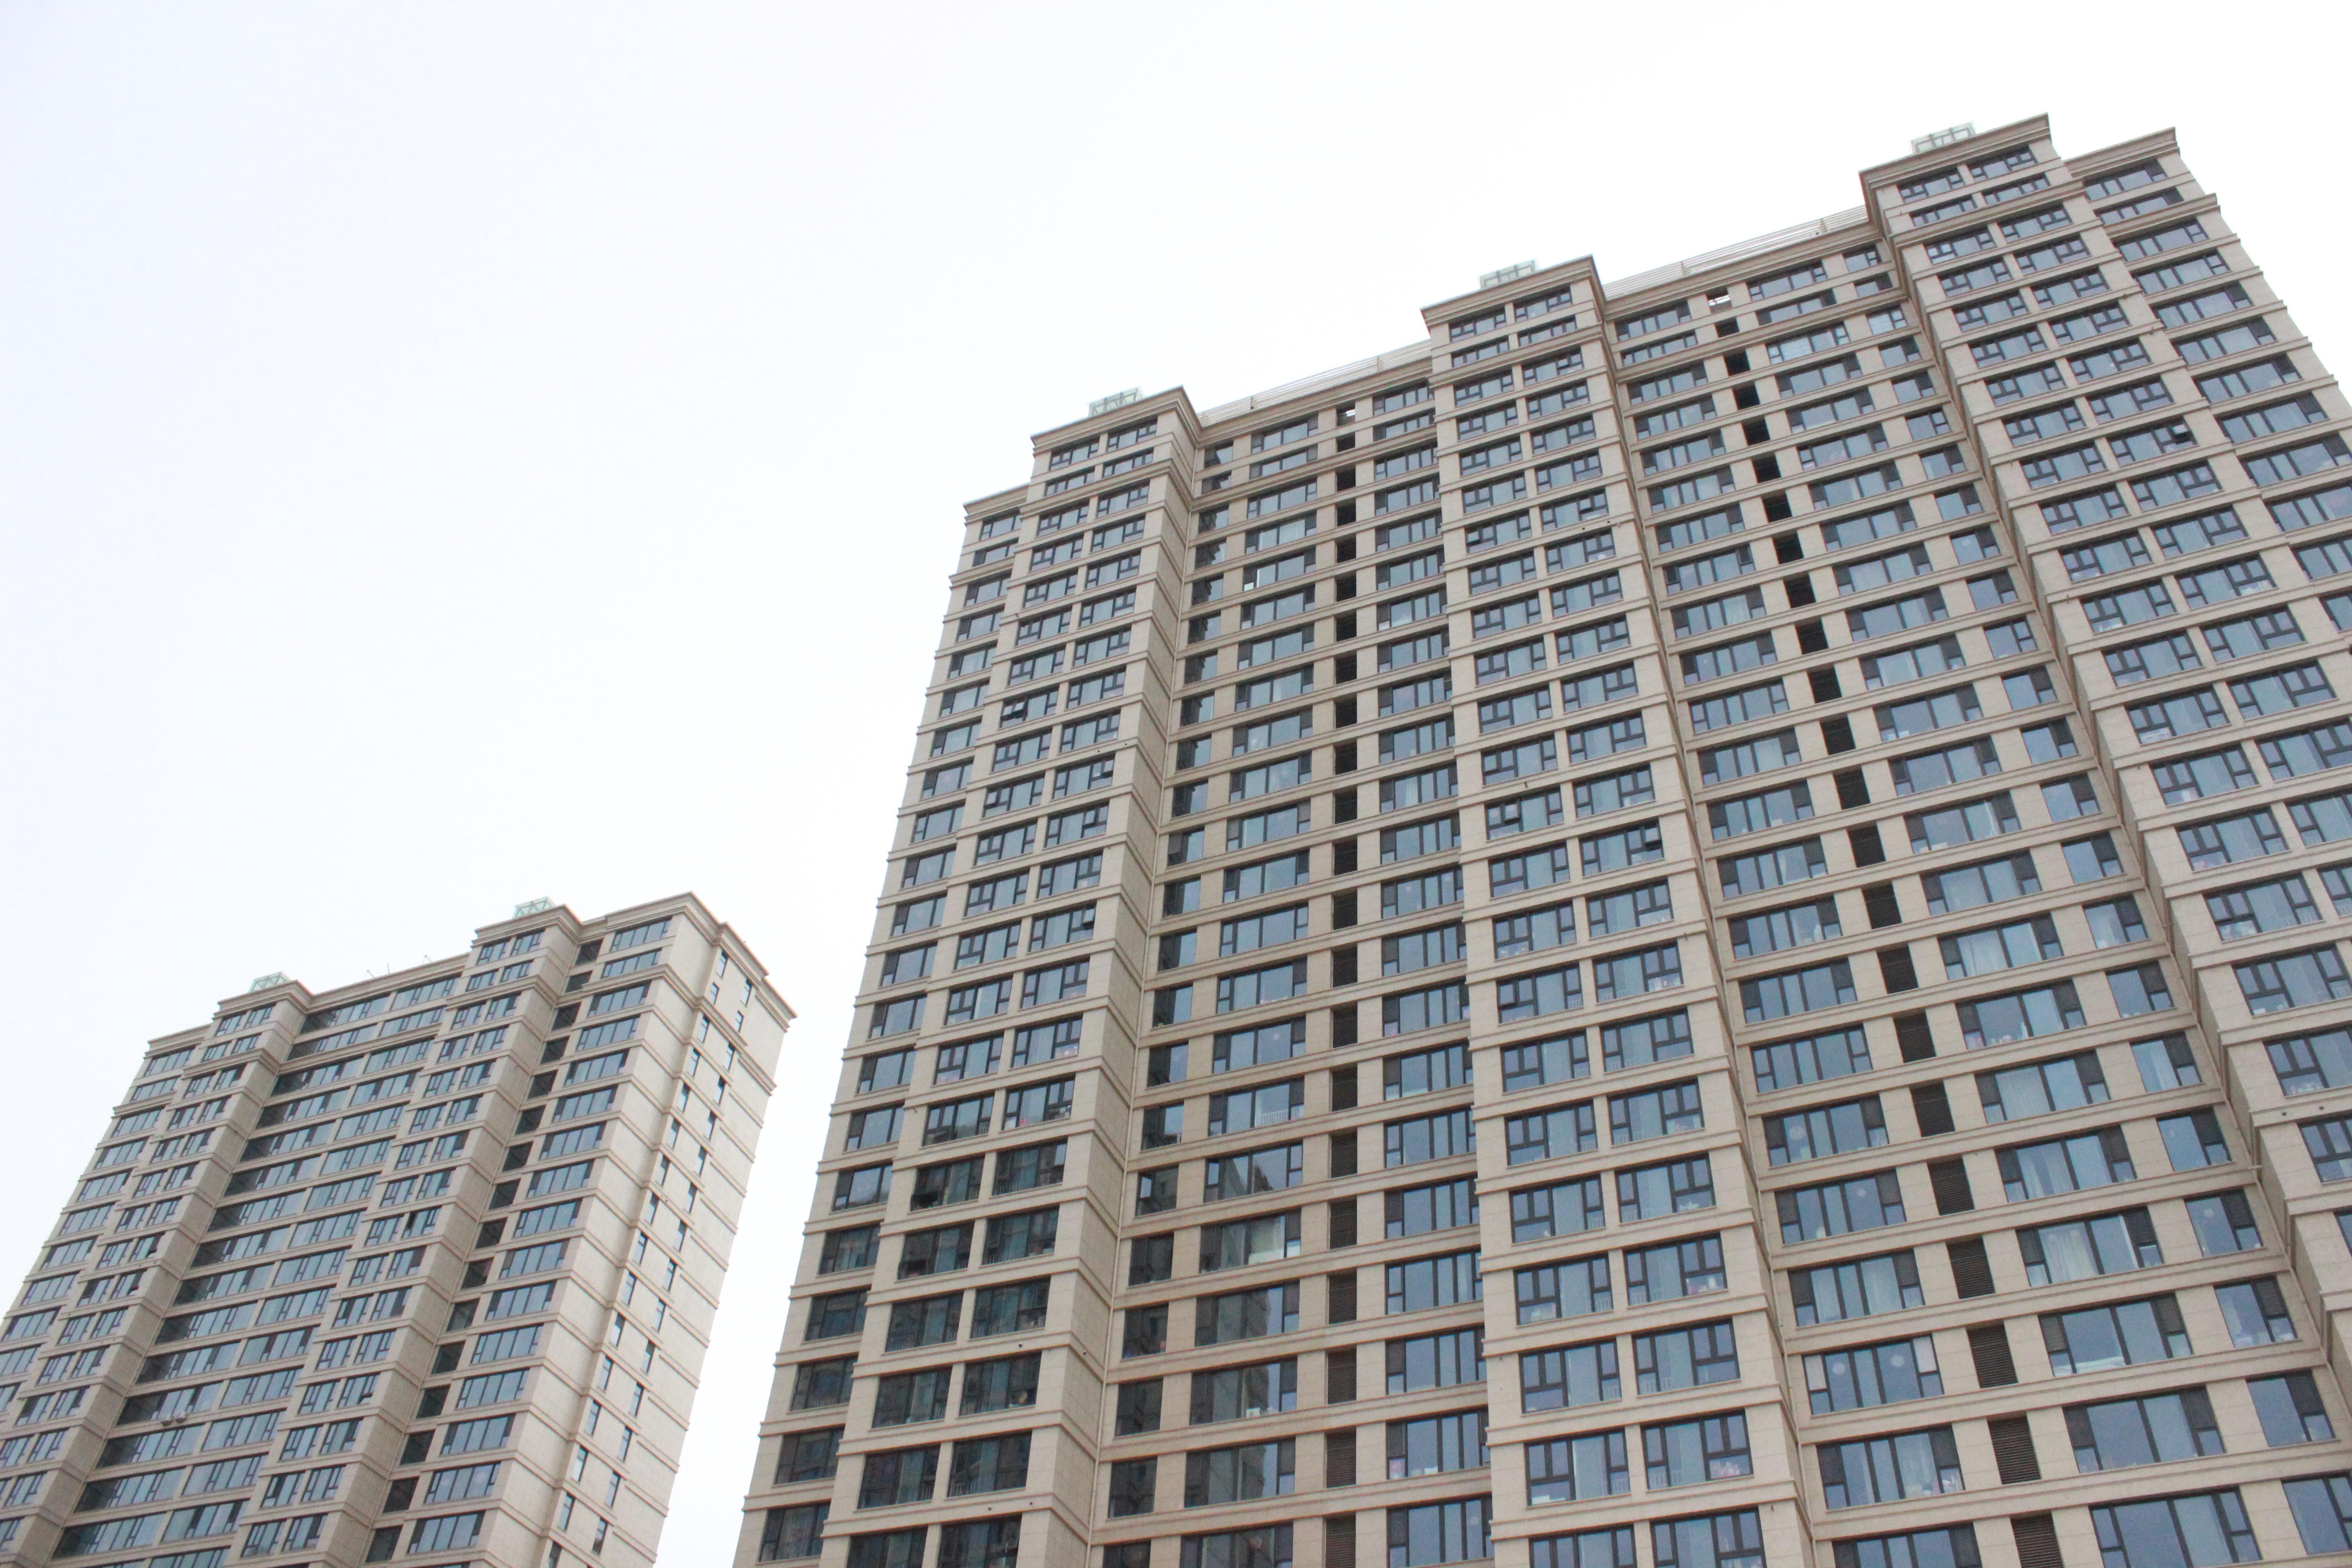 央行一周内两提房地产 内房股股价持续上涨